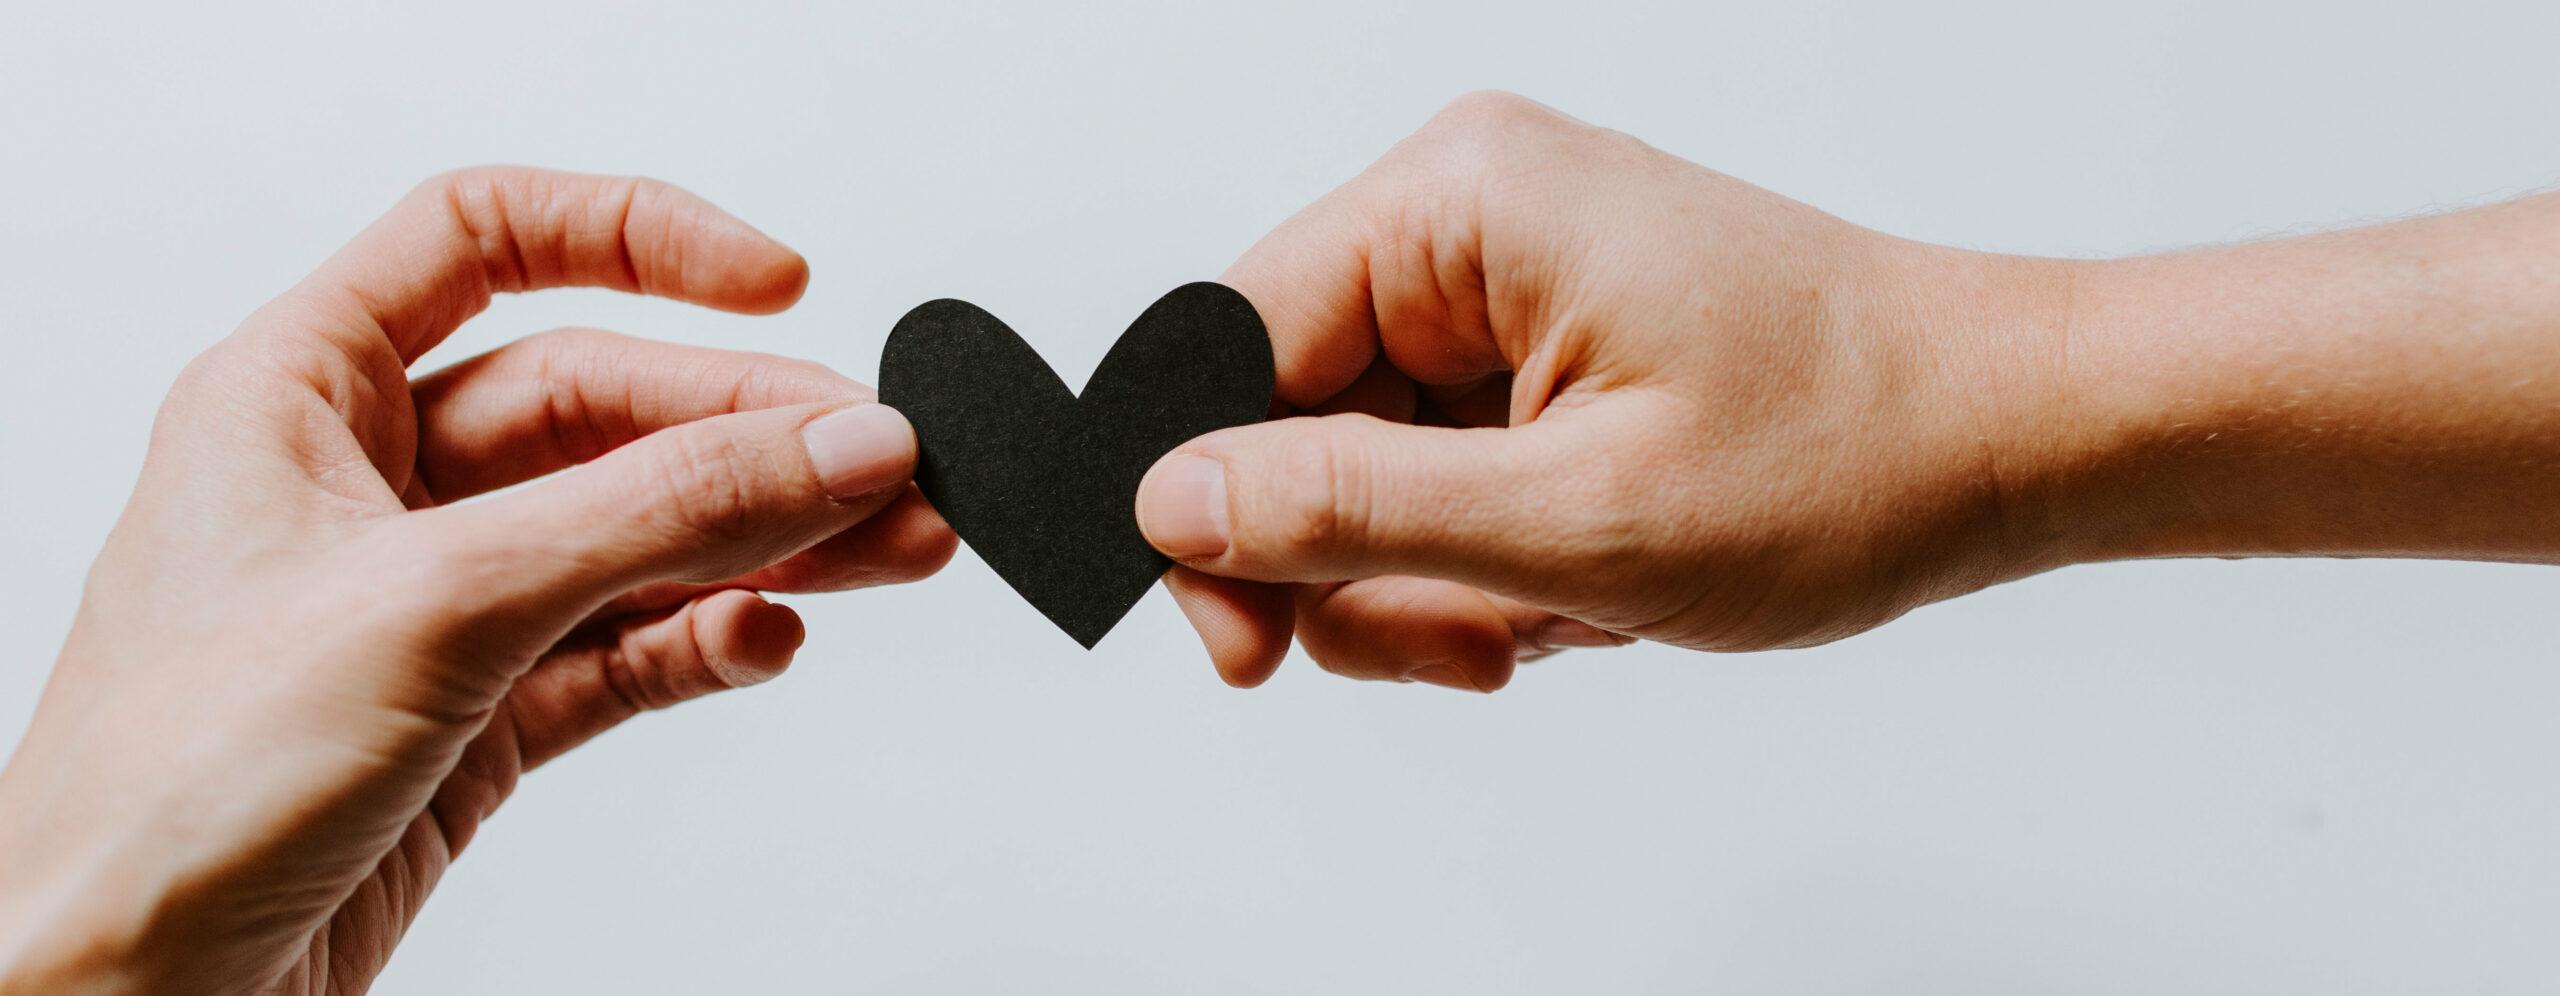 Zwei Hände, die beide ein Herz festhalten